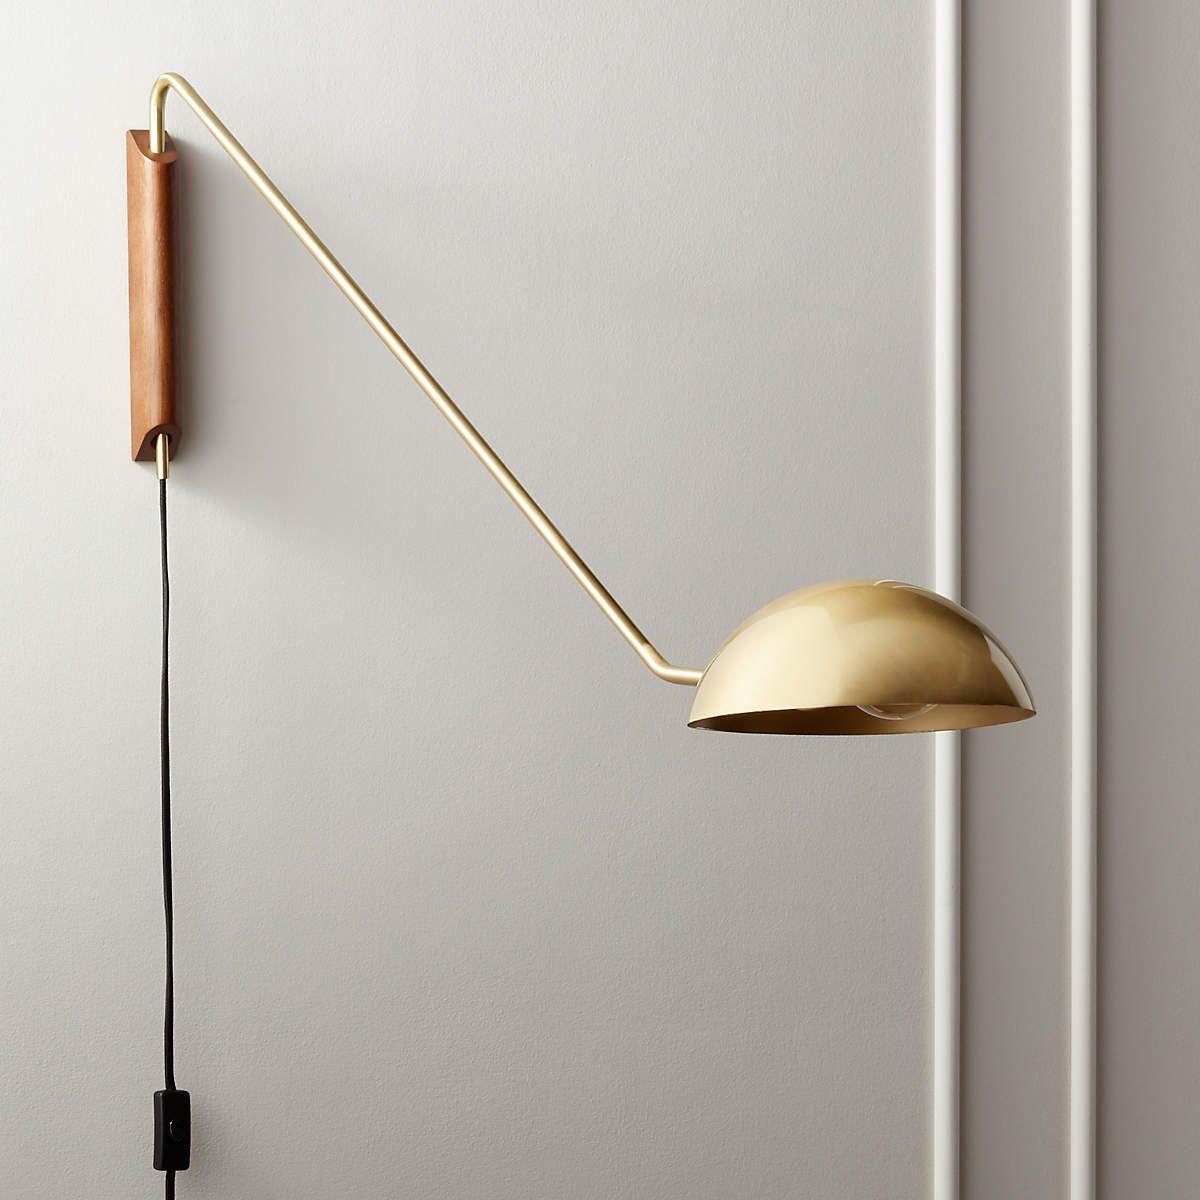 Swivel Wall Sconce Satulight In 2021 Modern Wall Sconces Wall Sconces Bedroom Sconces Bedroom